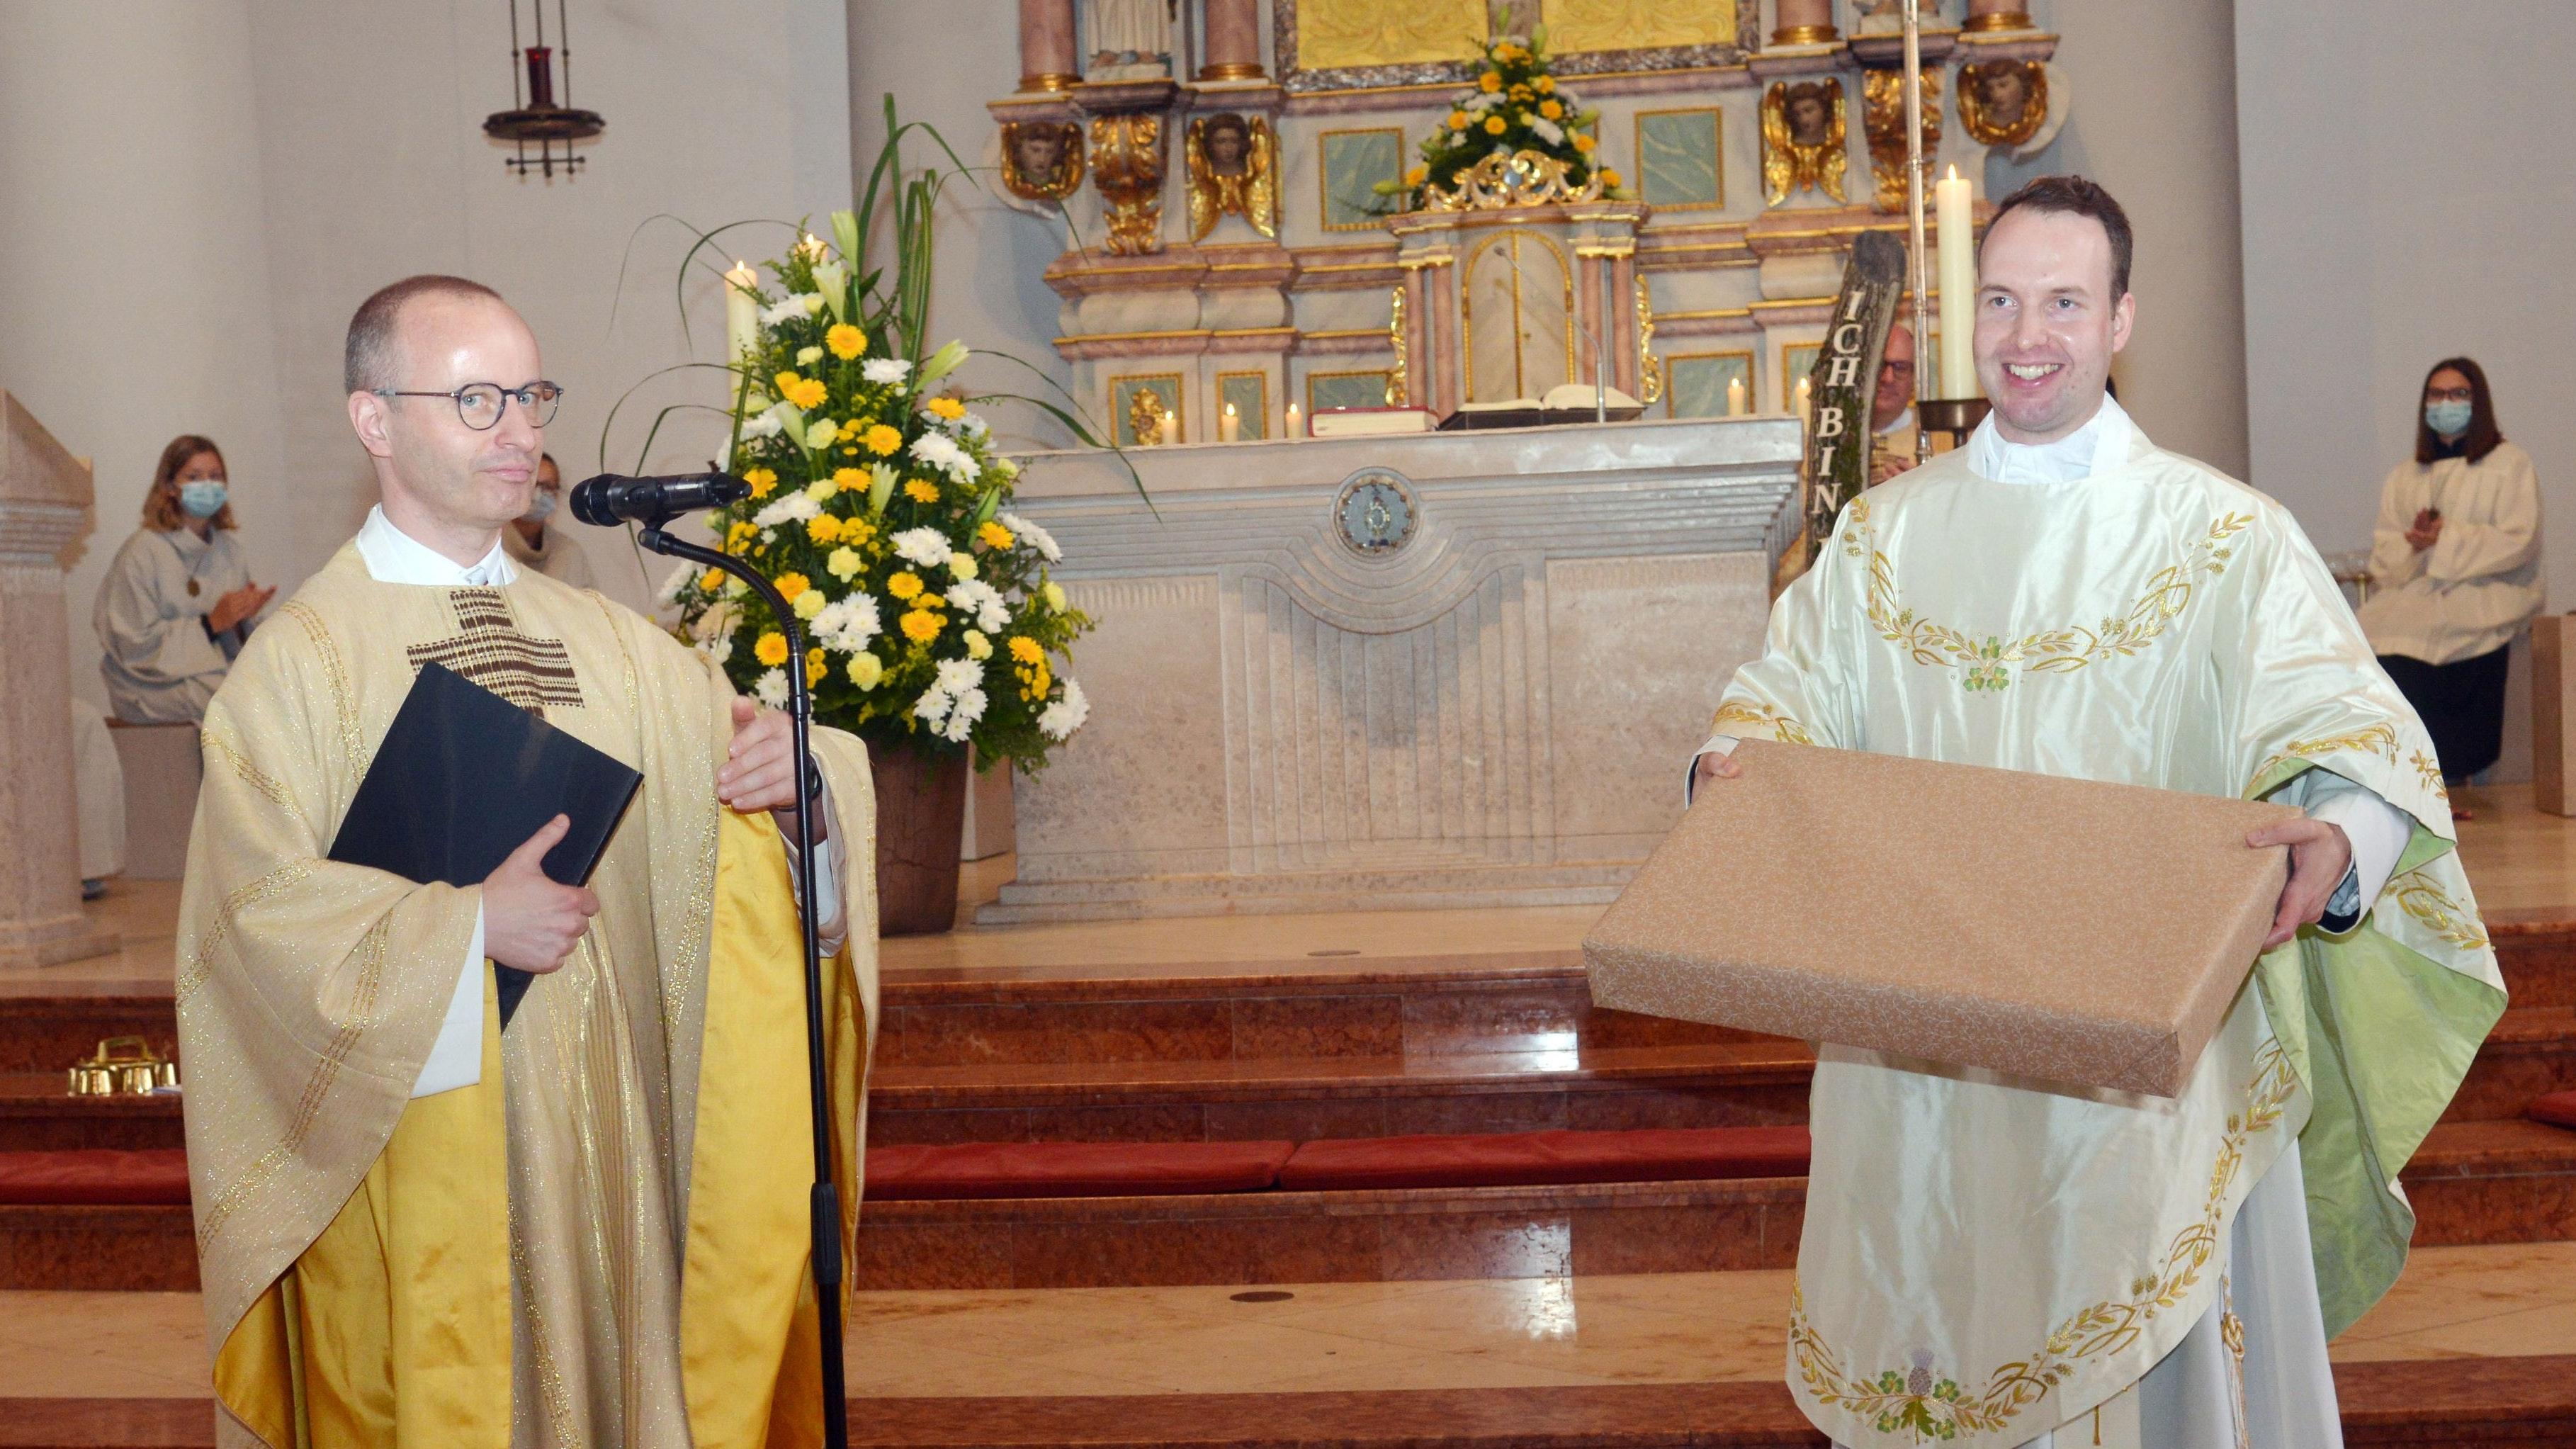 Im Namen der Kirchengemeinde überreichte Dechant Bertholt Kerkhoff Neupriester Johannes Winkeler das erste Messgewand. Foto: Siemer